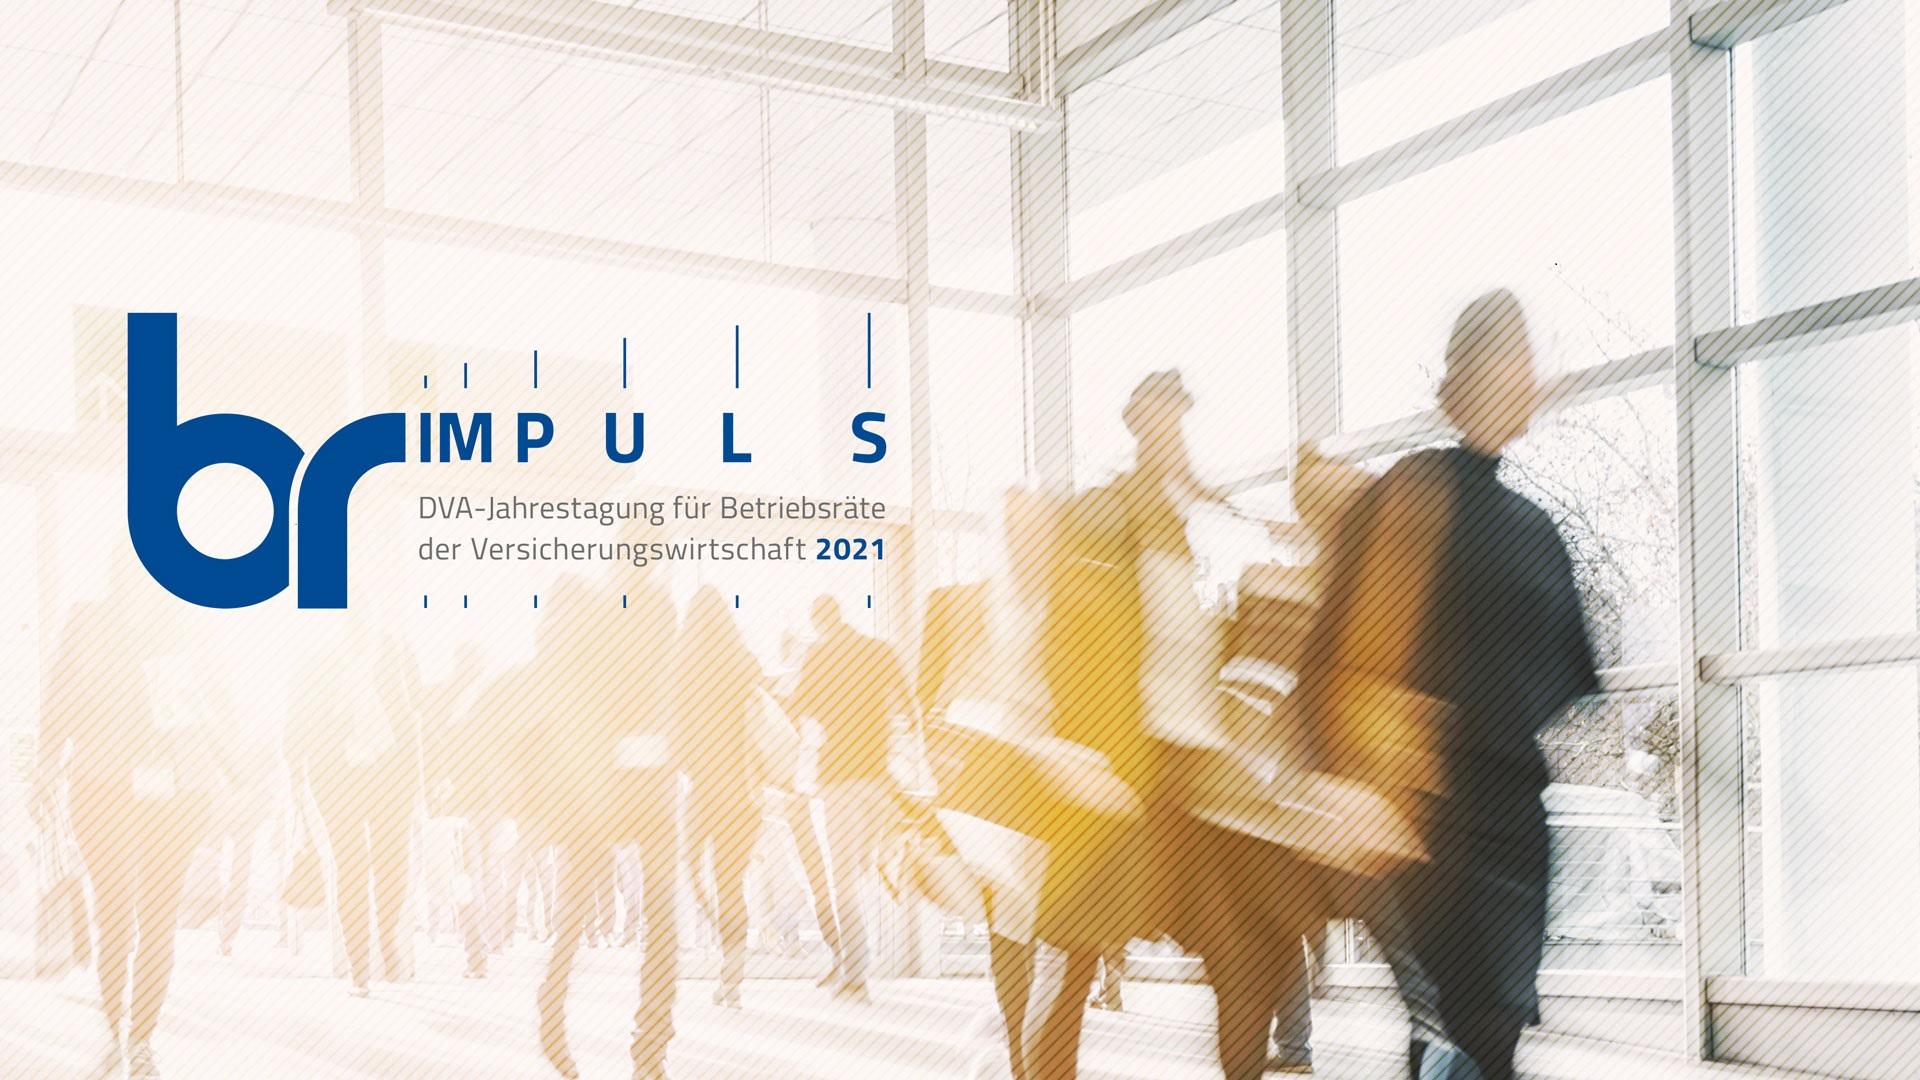 BR-Impuls - Virtuelle Seminarreihe für Betriebsräte 14. -16. Juni